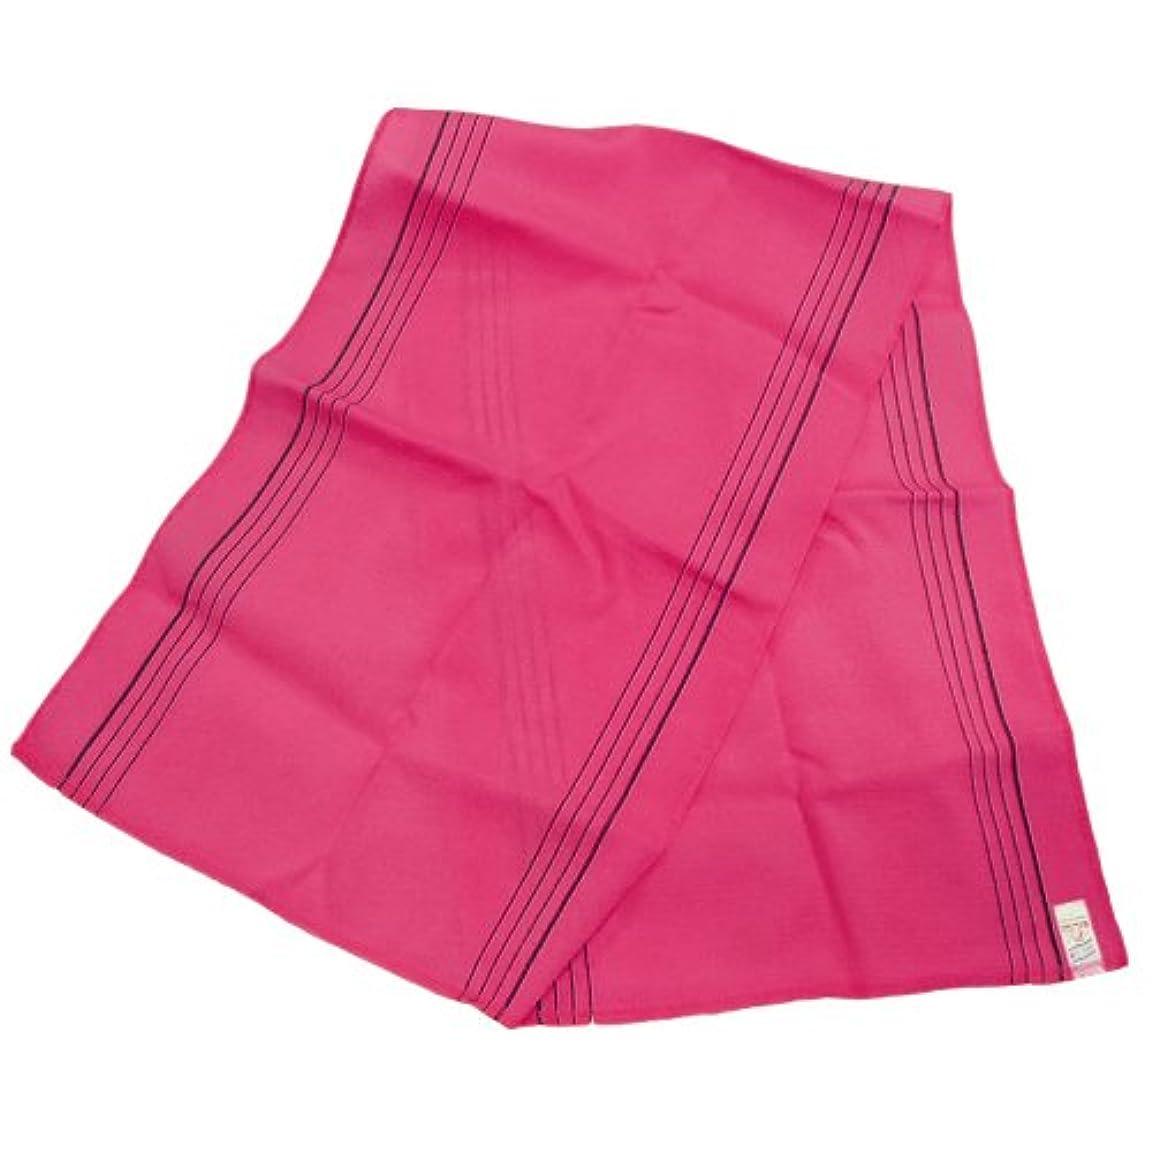 招待縮れた偶然のノーブランド品 韓国あかすり ロング タオル(ピンク)